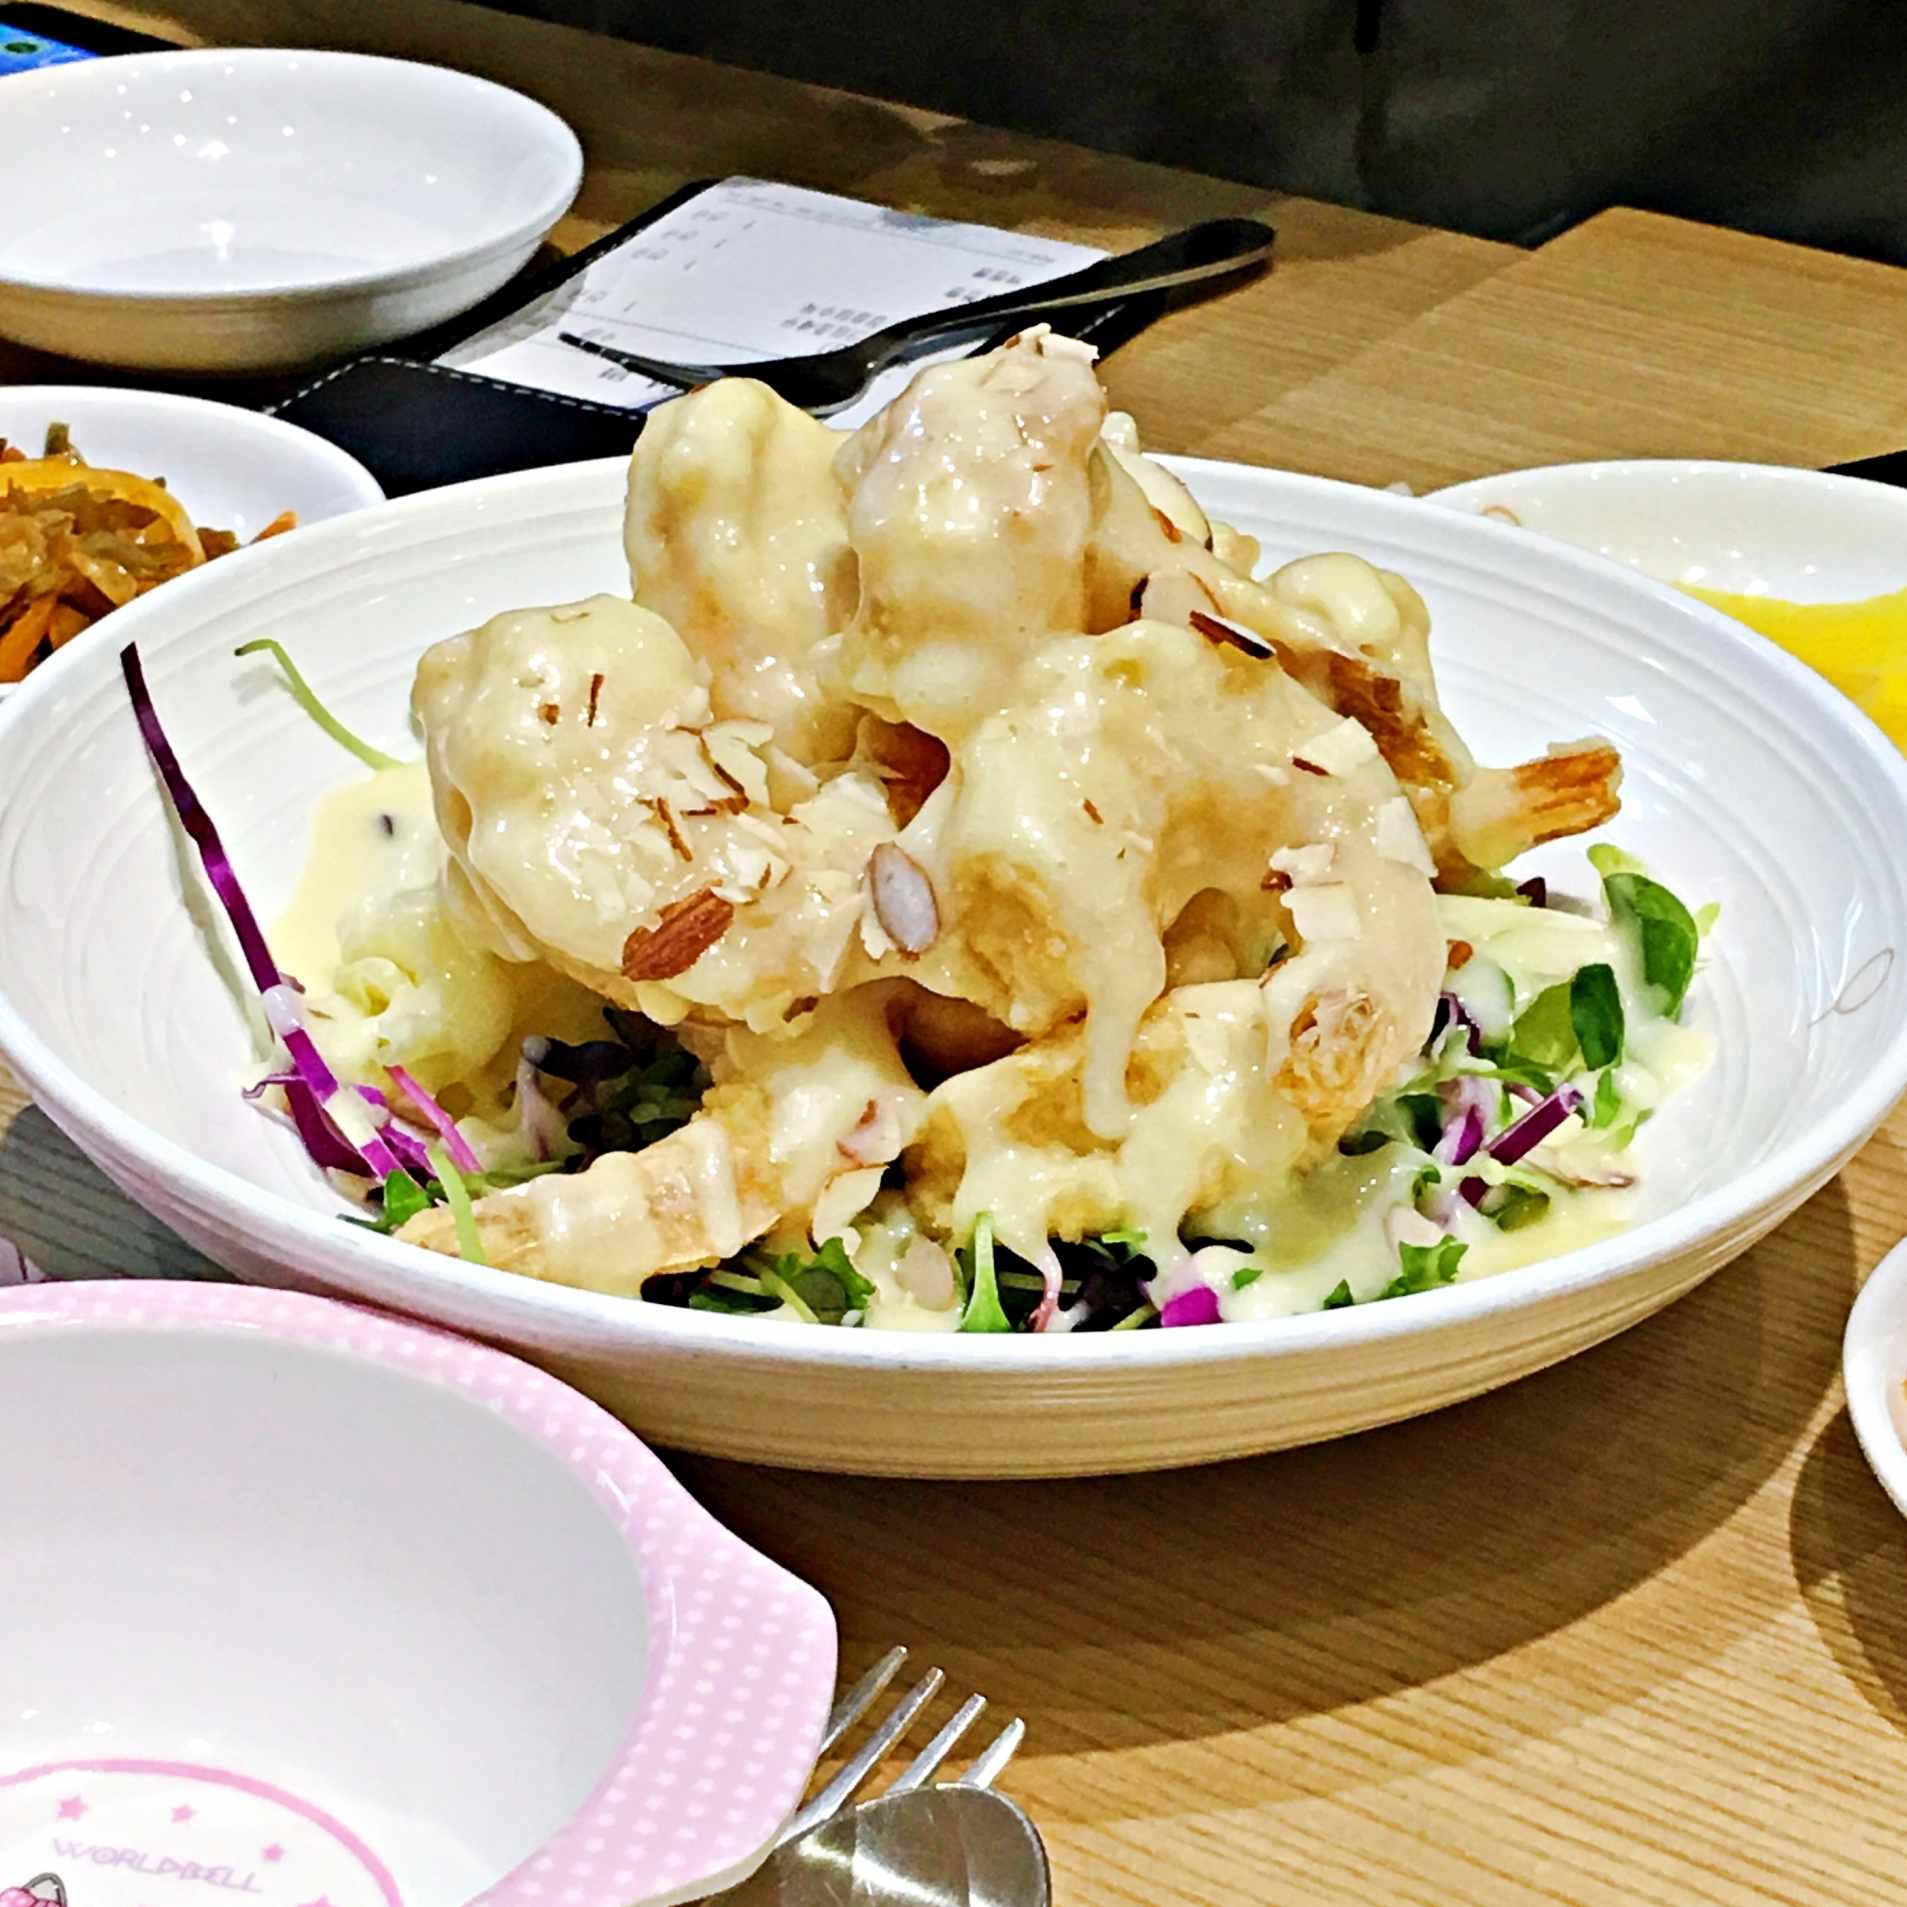 炸奶油鮮蝦,裡面放了點檸檬,讓蝦子鮮甜,吃起來也不會油膩。